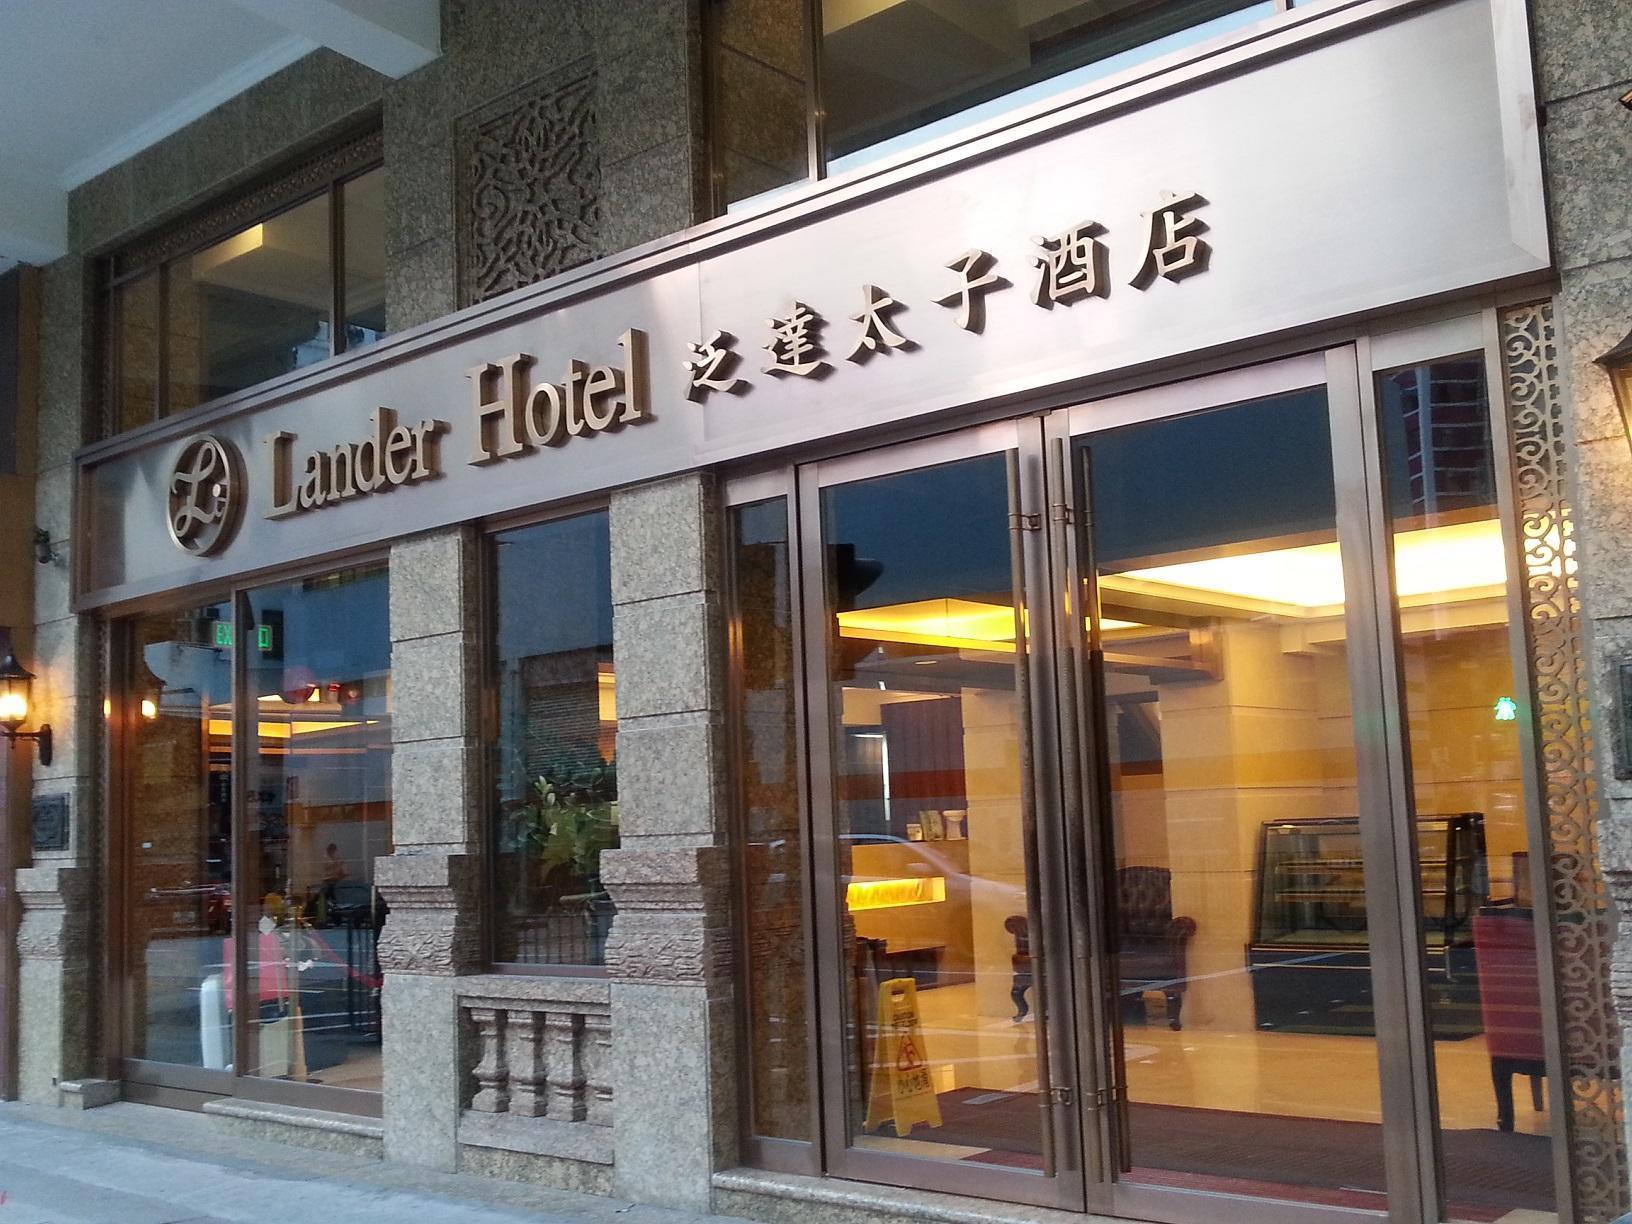 ランダー ホテル プリンス エドワード